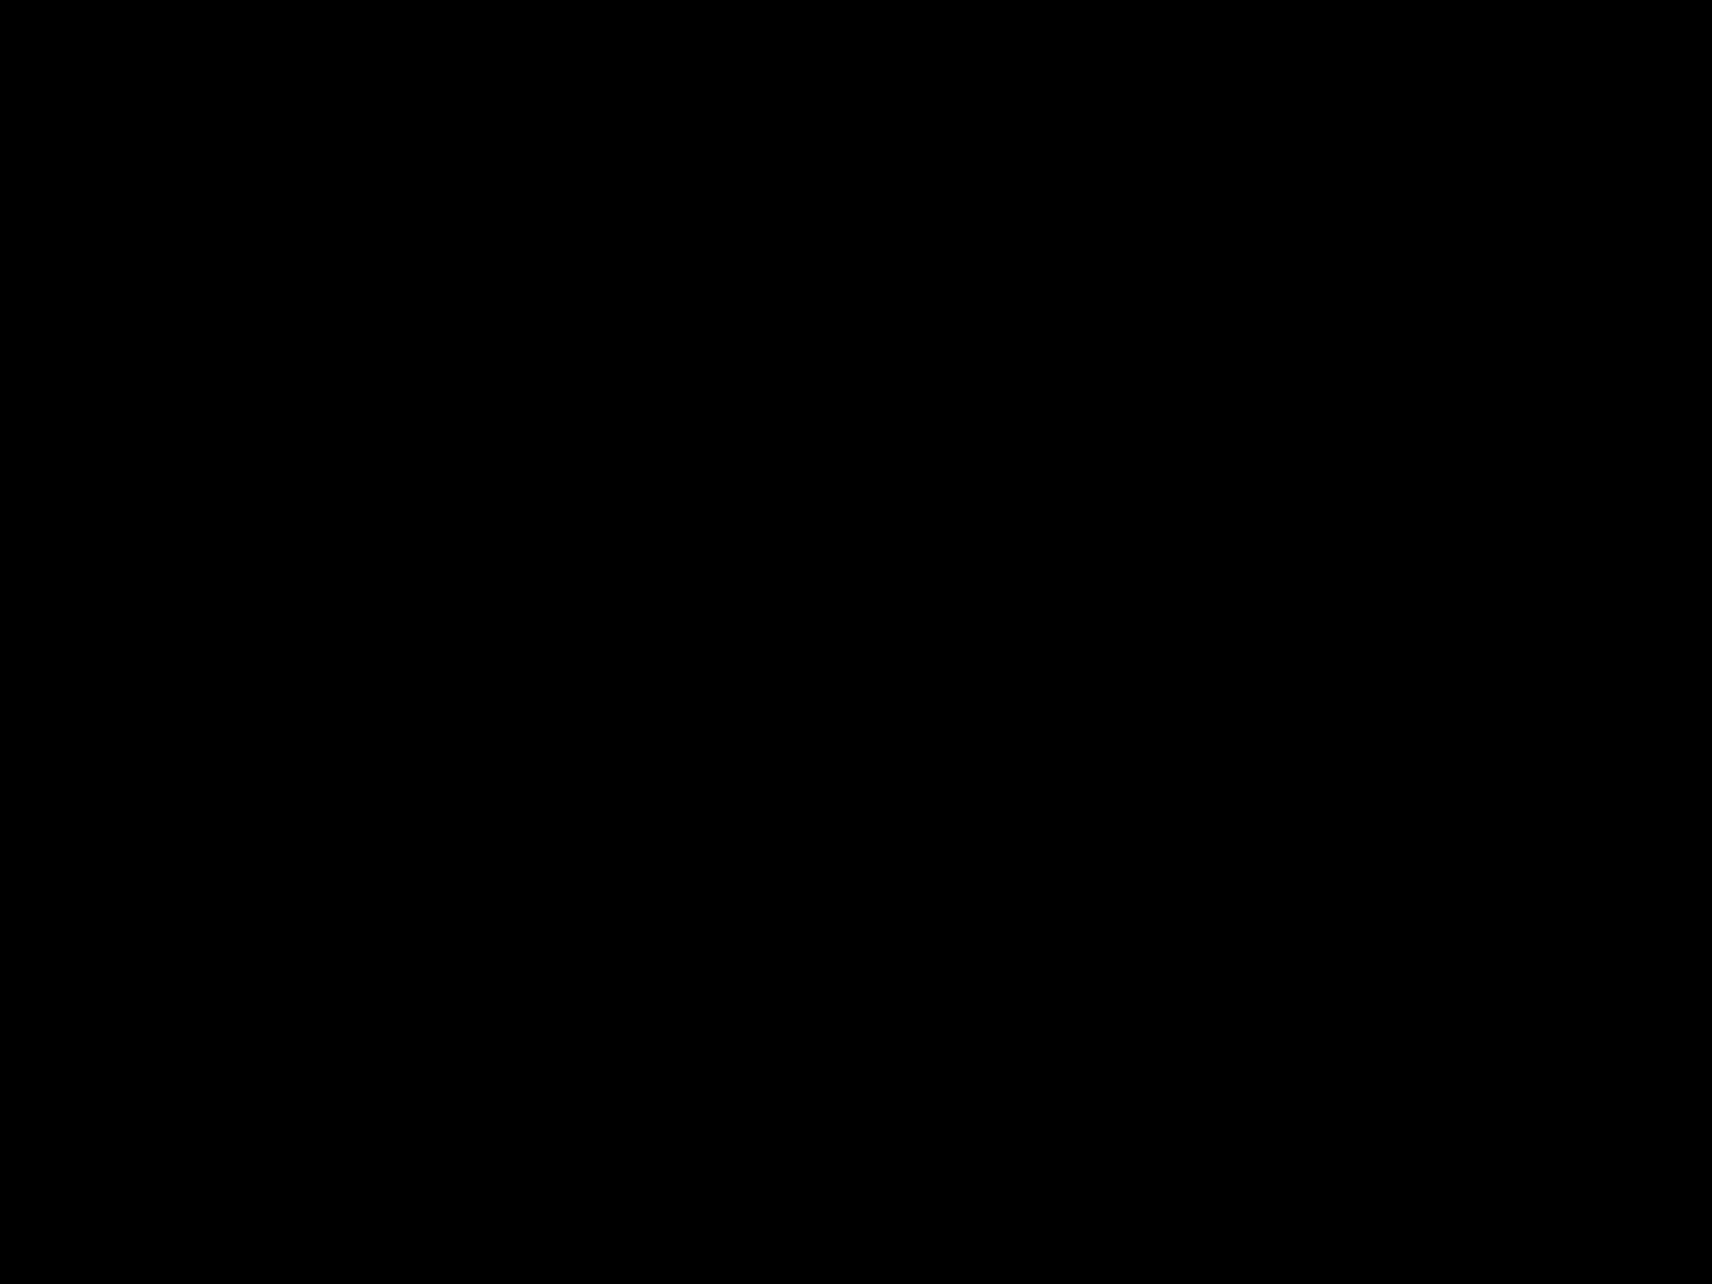 4170_08.jpg